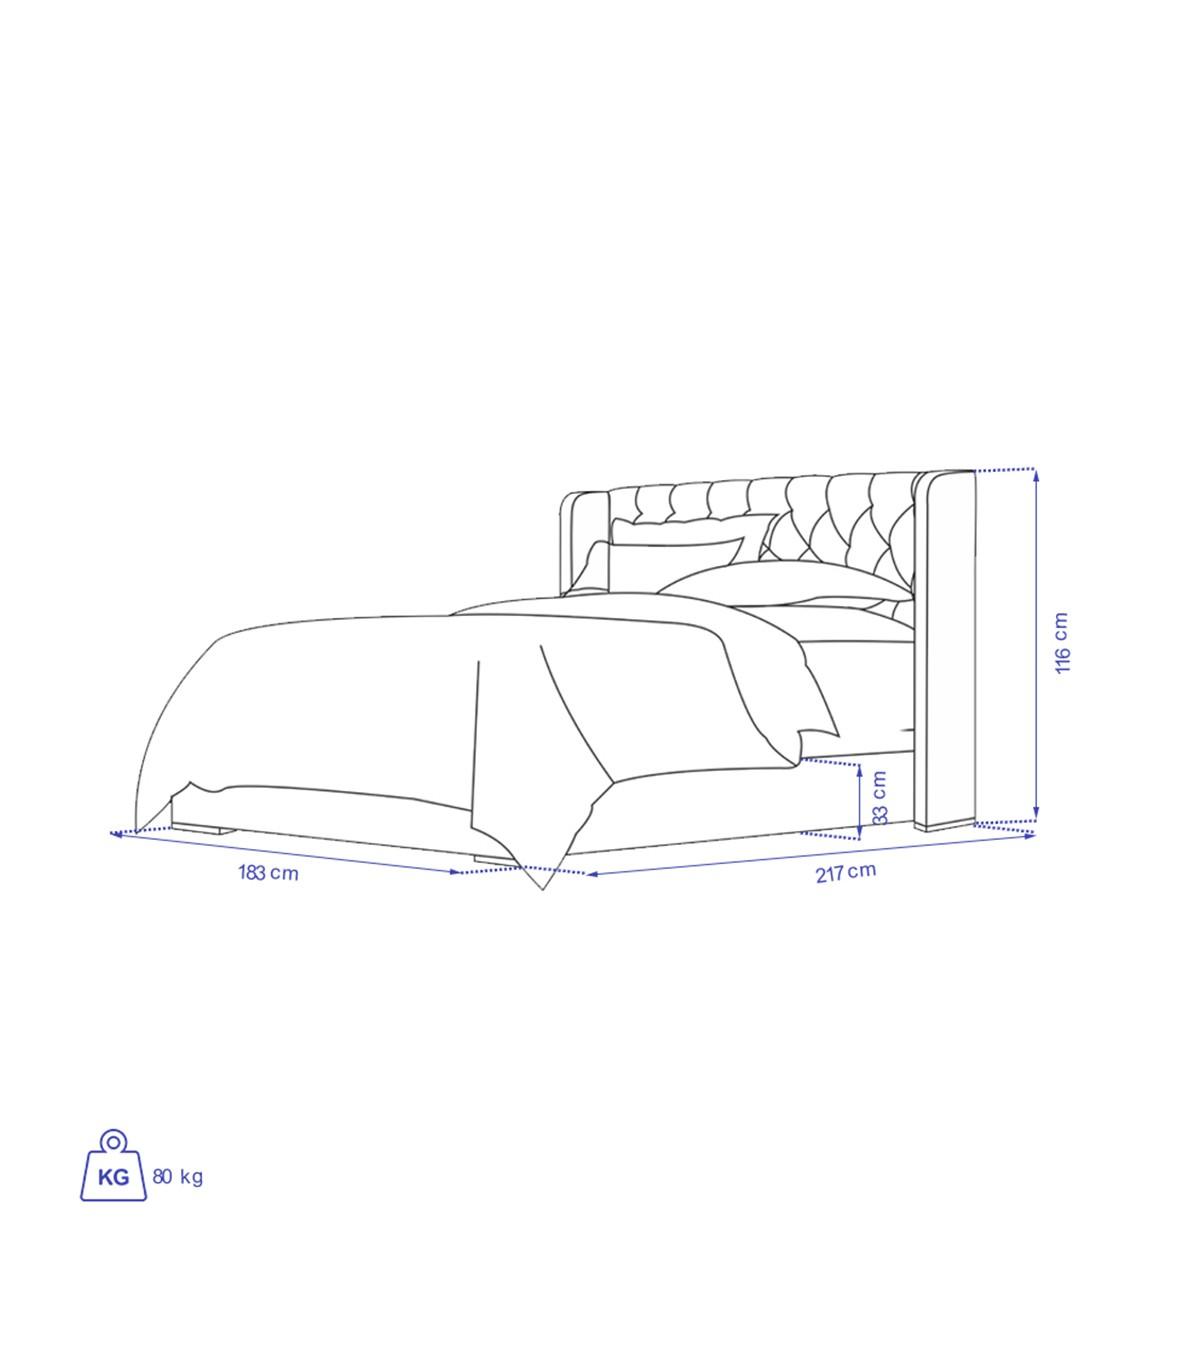 ابعاد سرویس خواب چوبی مدل VERTA